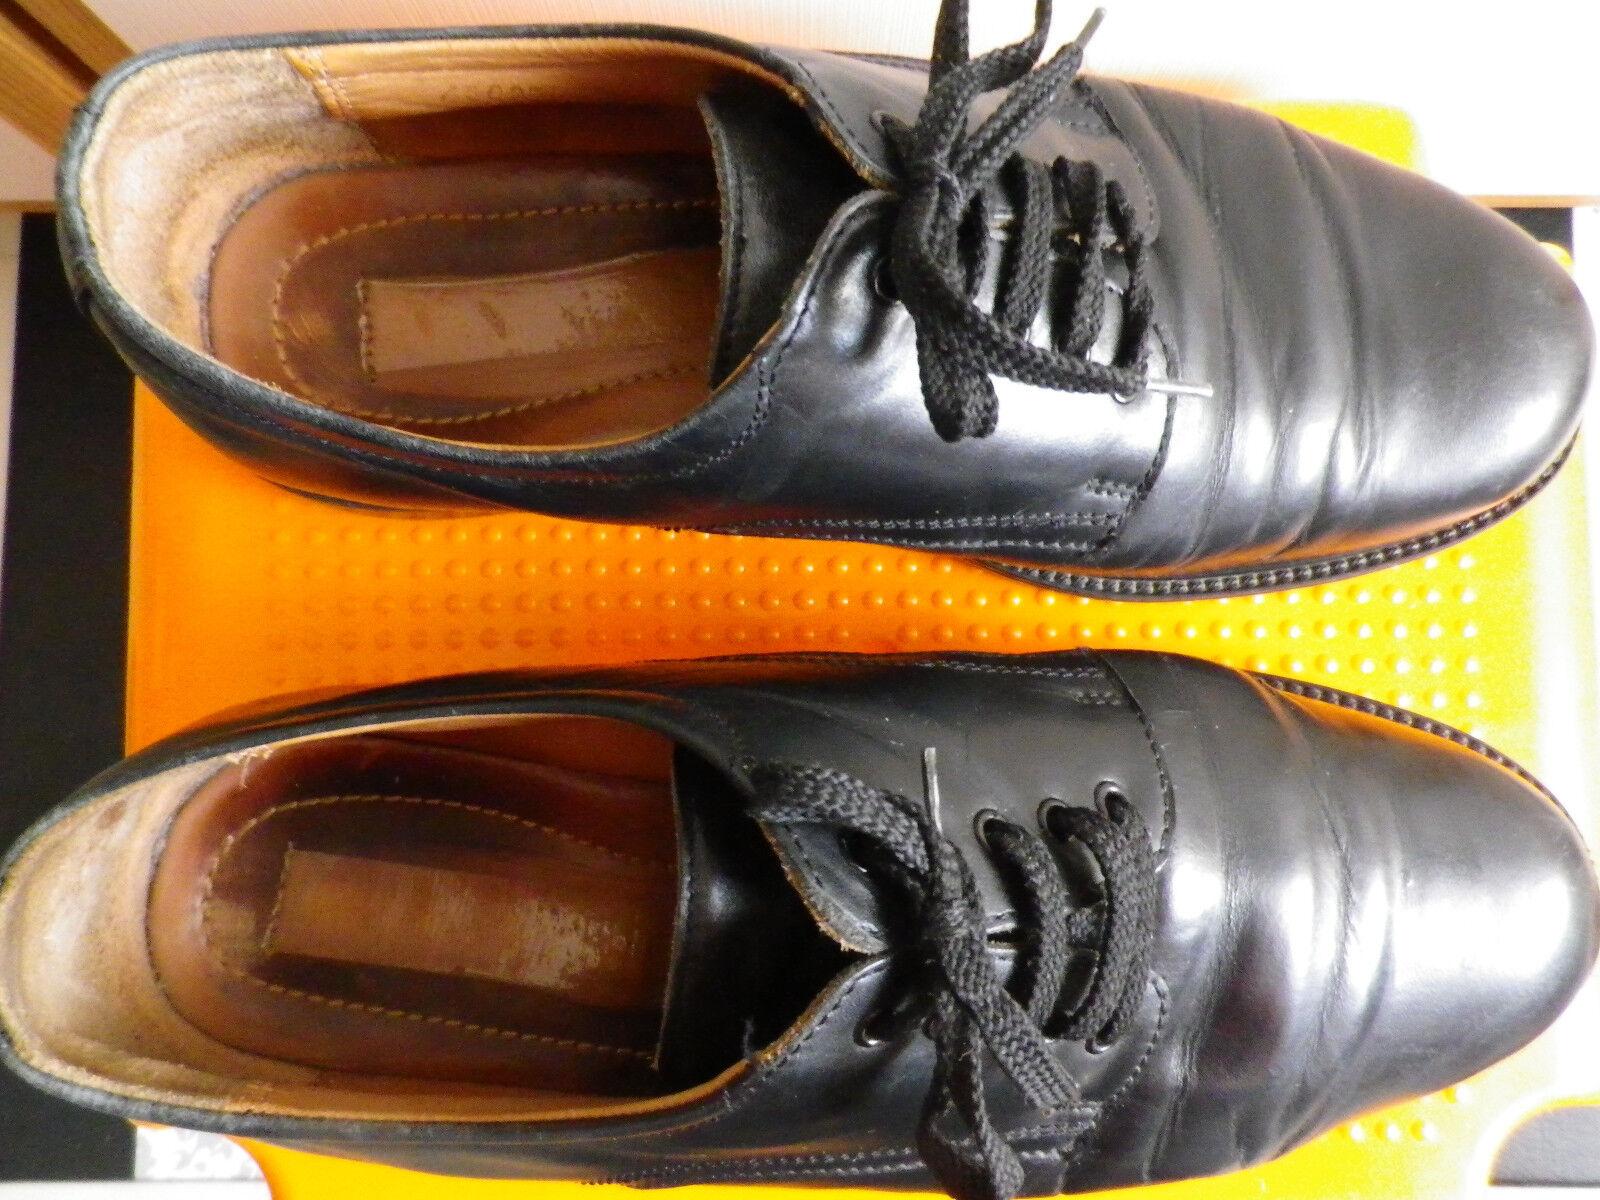 Herrenschuhe aus Leder hohe Qualität Größe 42 schwarz weiches edles Leder